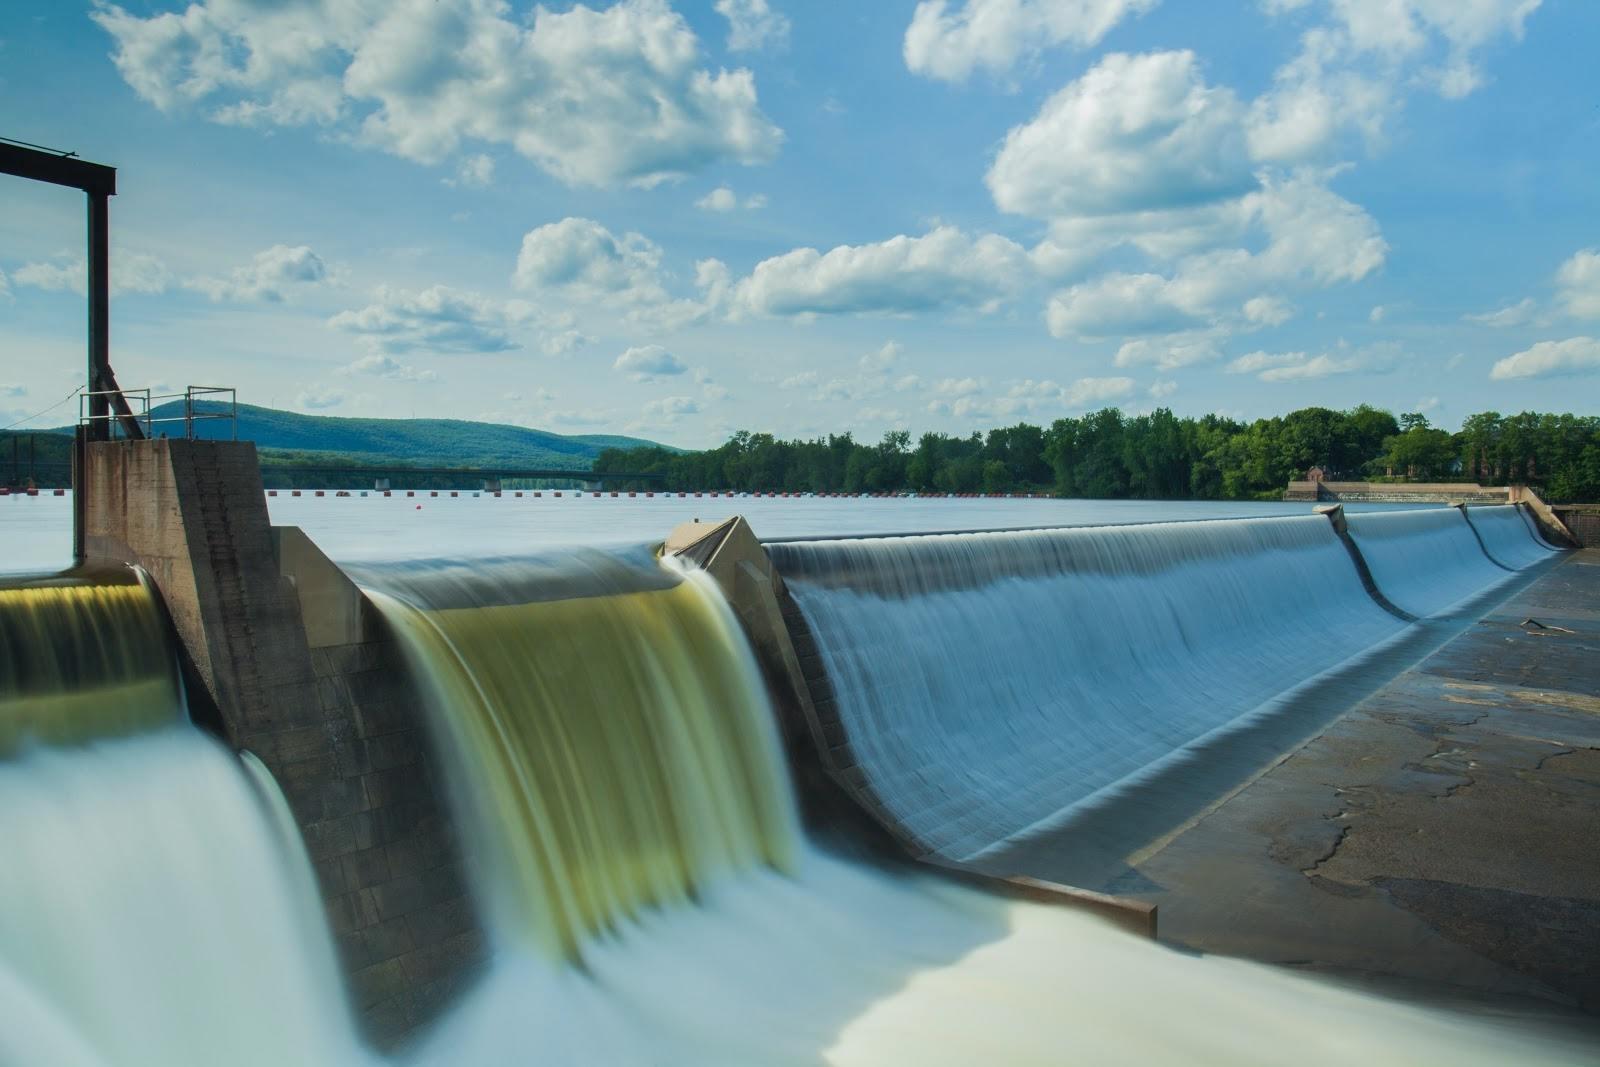 renewable energy - hydro energy